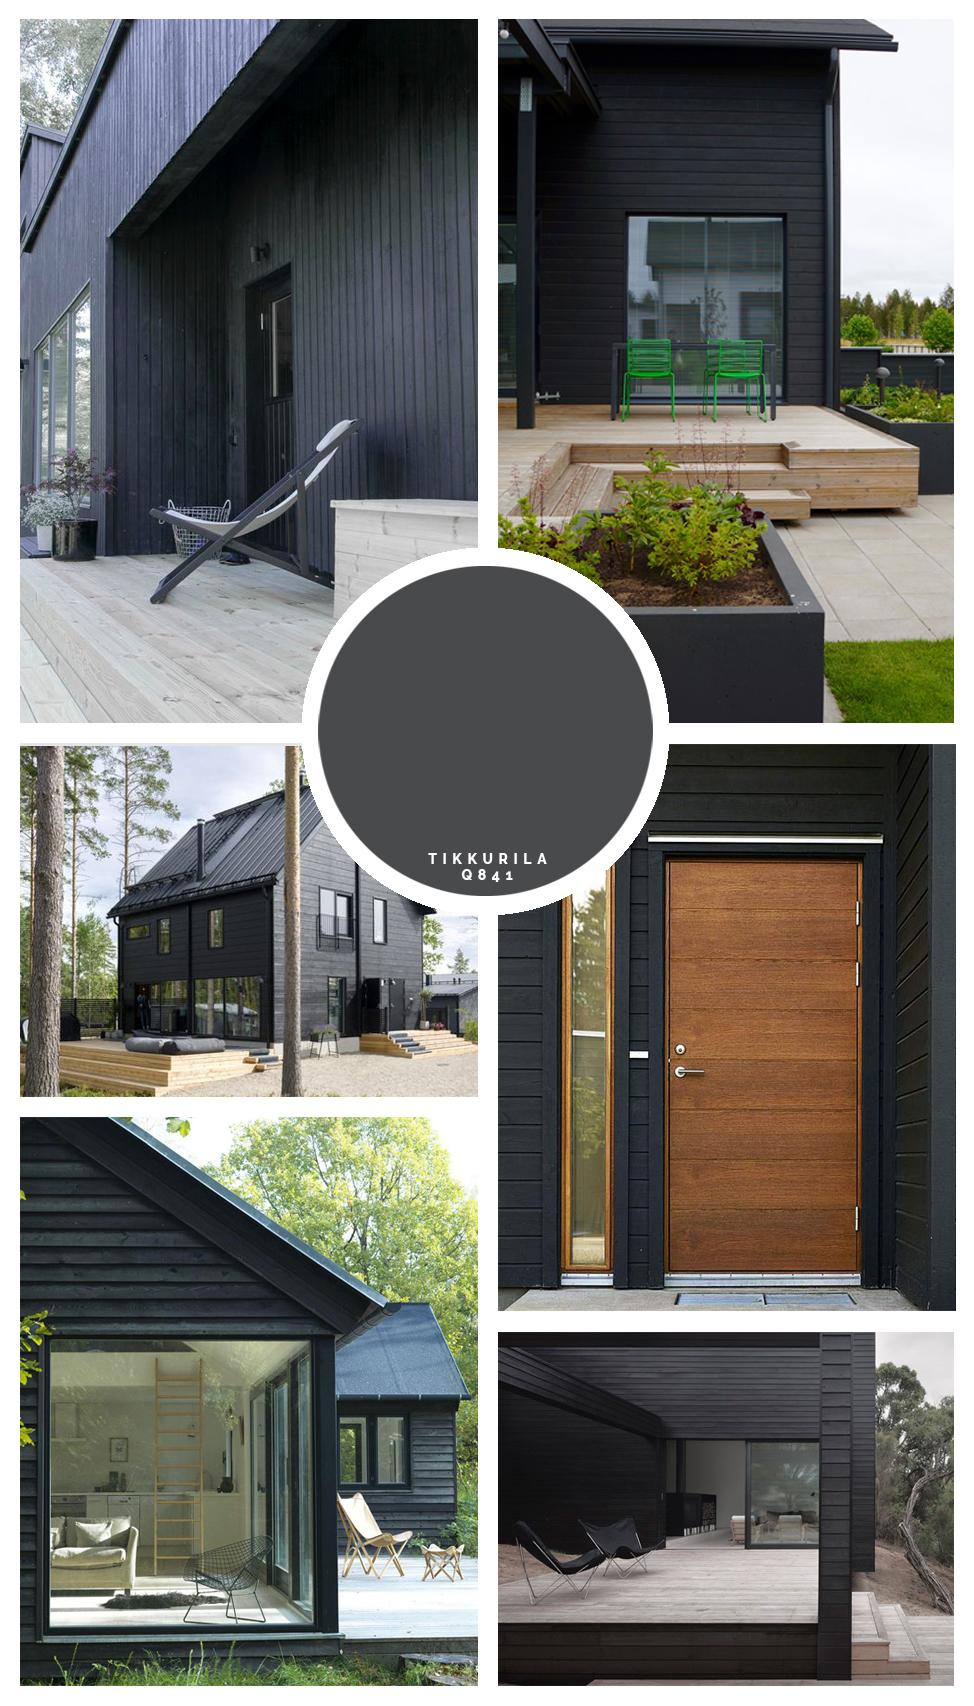 Building Home:Exterior Plan / By Sandramaria / Sandramarias.com